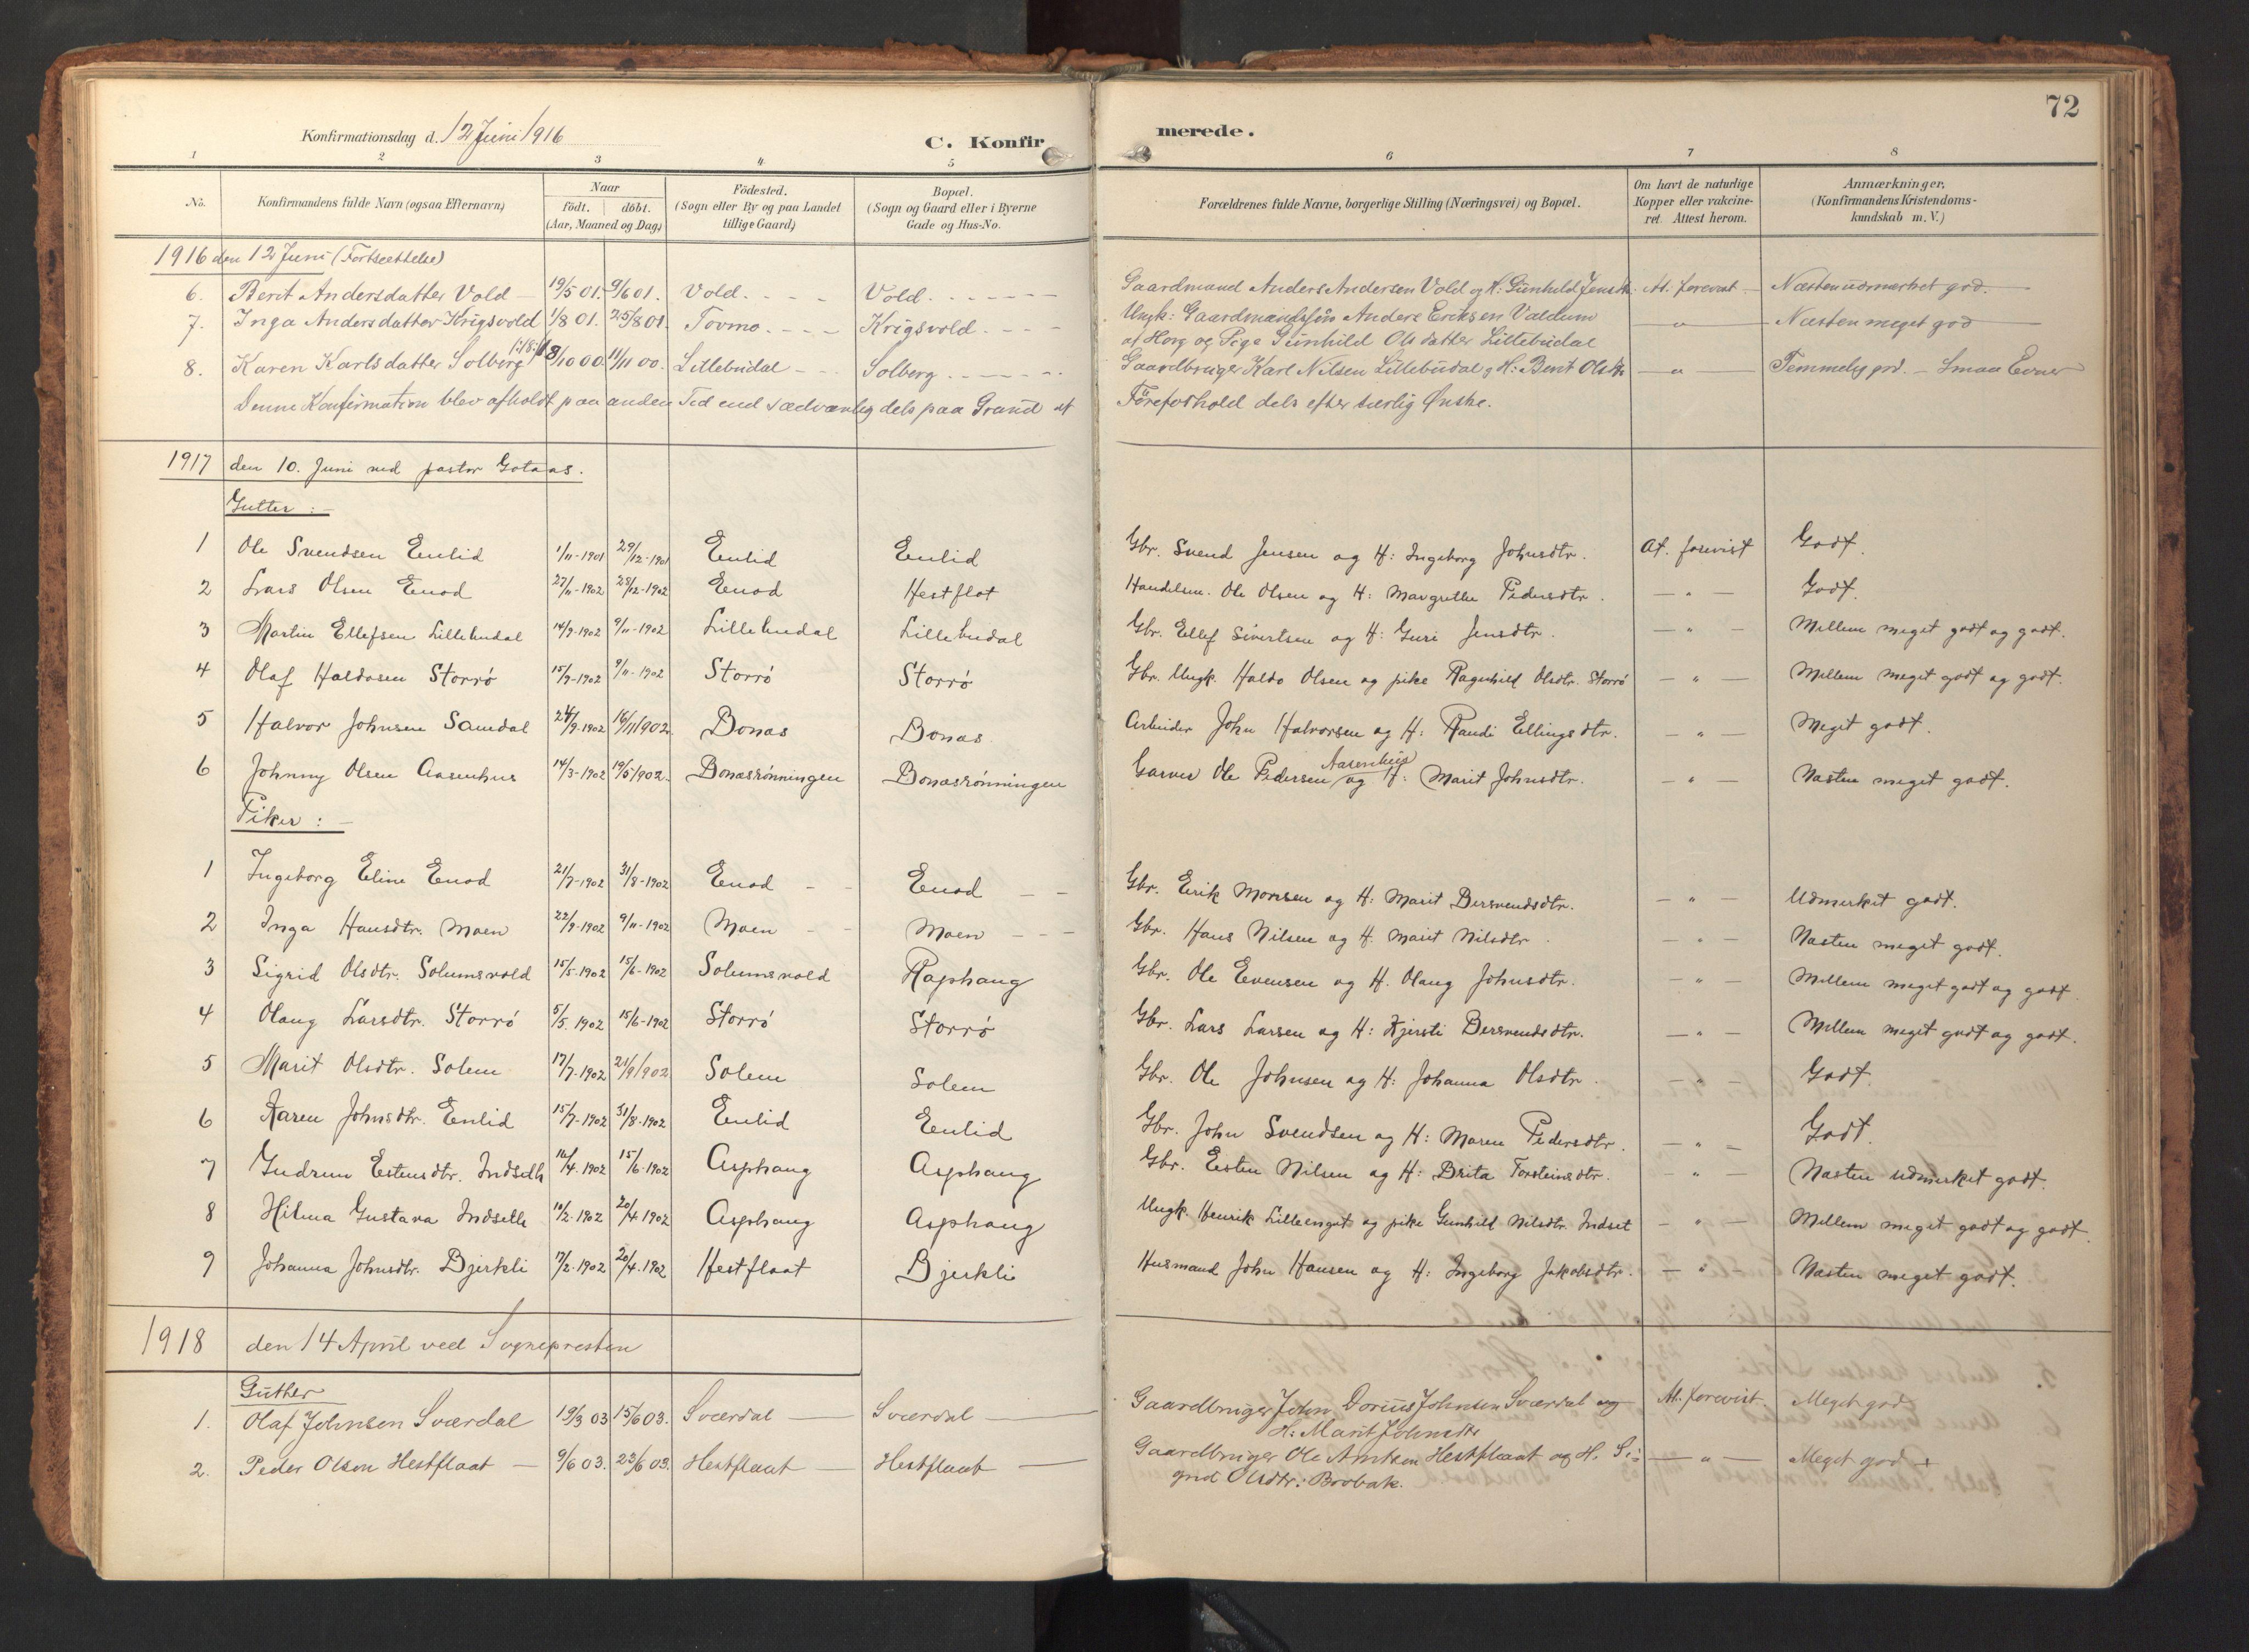 SAT, Ministerialprotokoller, klokkerbøker og fødselsregistre - Sør-Trøndelag, 690/L1050: Ministerialbok nr. 690A01, 1889-1929, s. 72